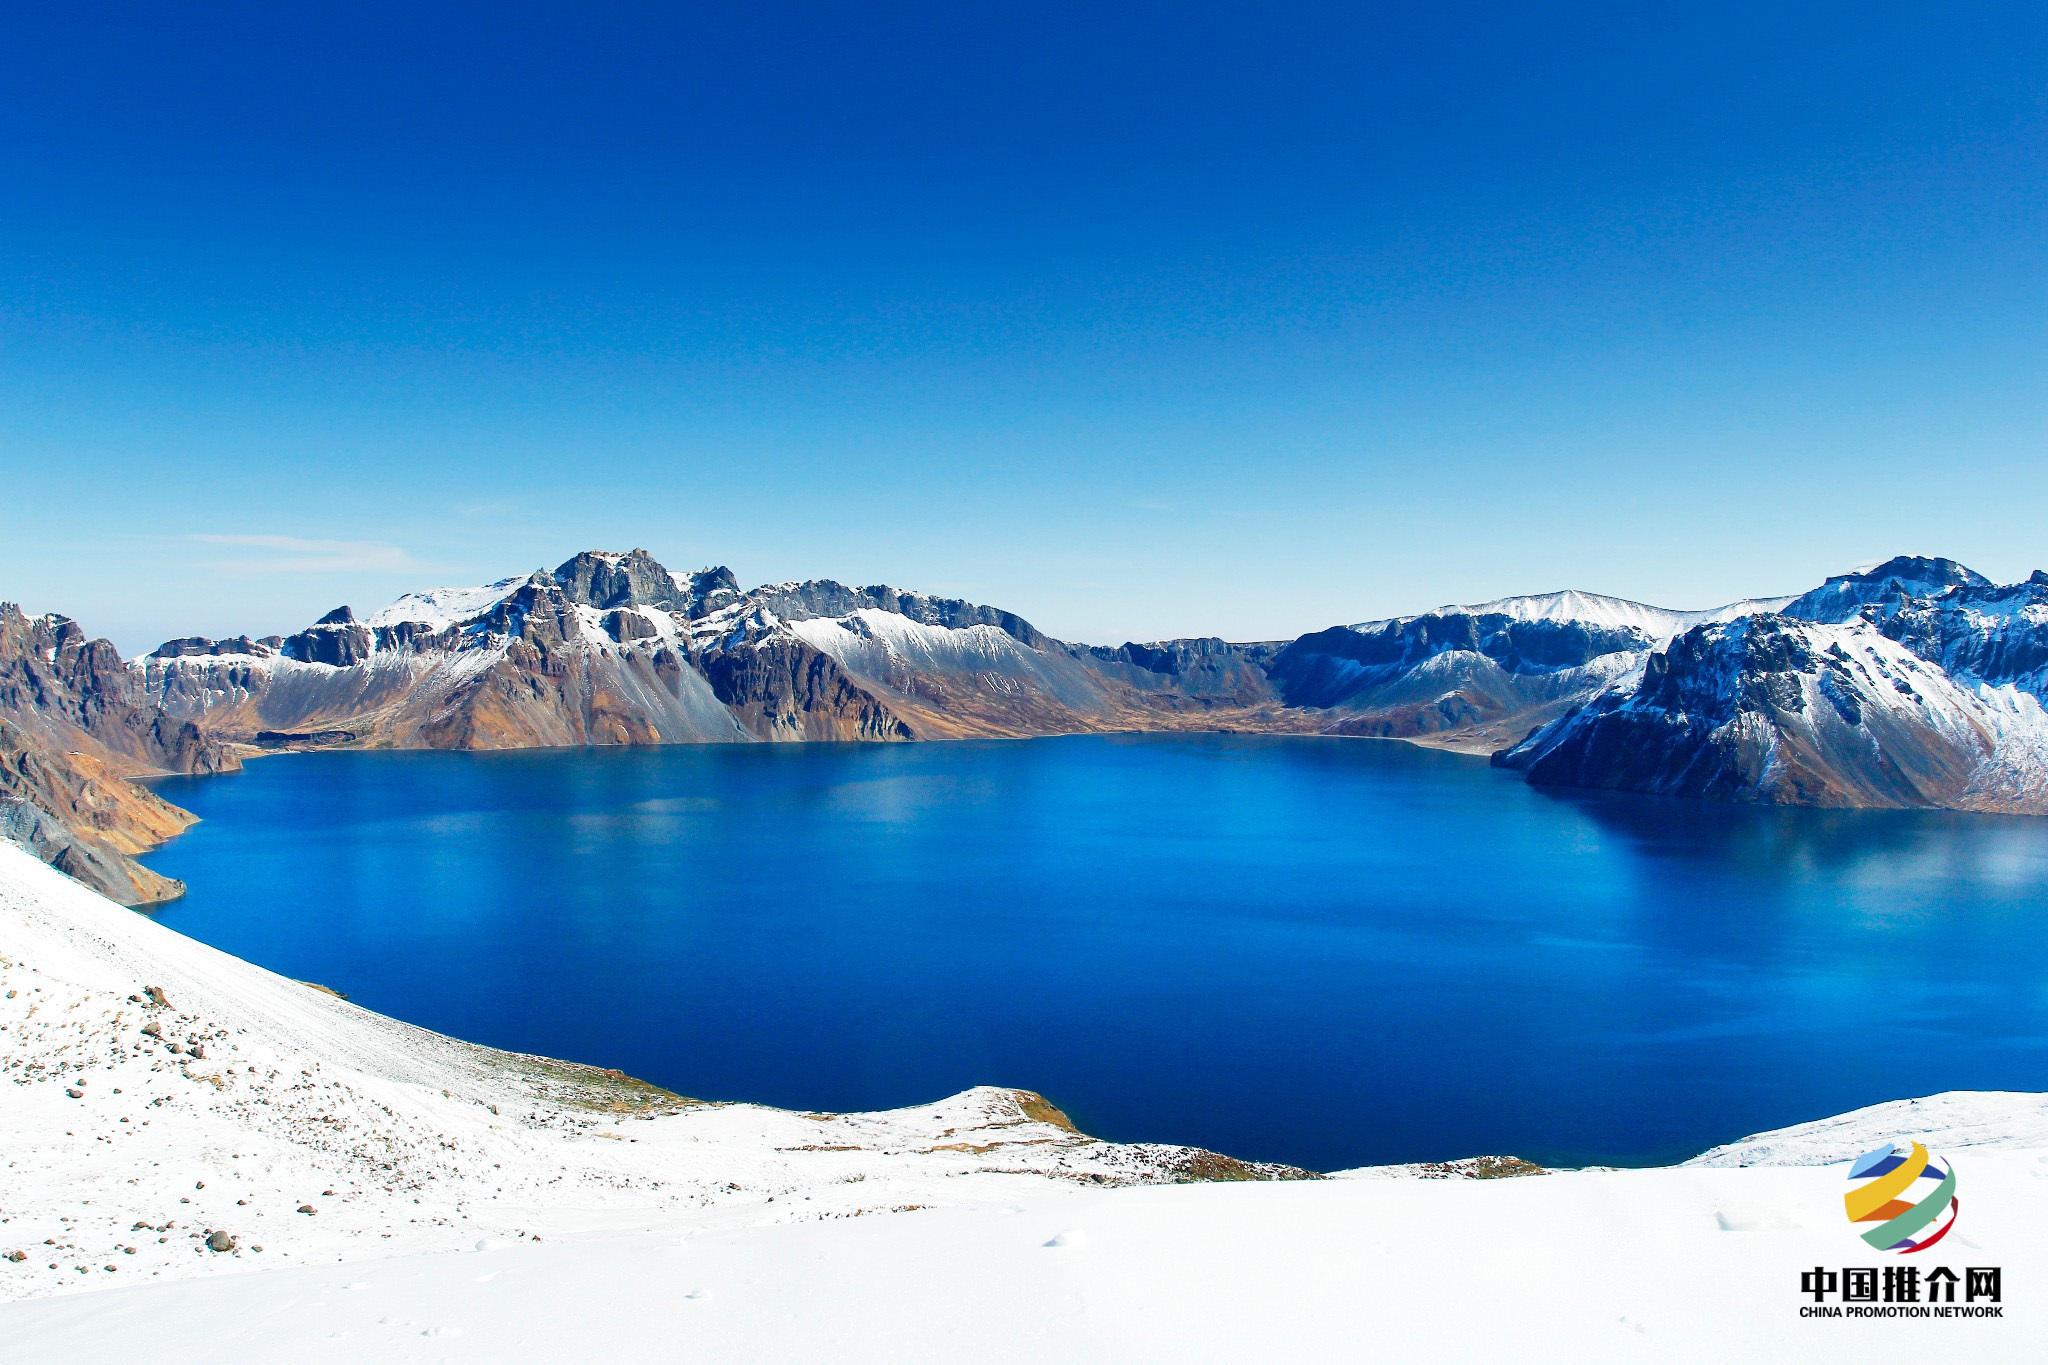 长白山北景区,冬季的滑雪项目吸引了很多爱好者前来享乐.